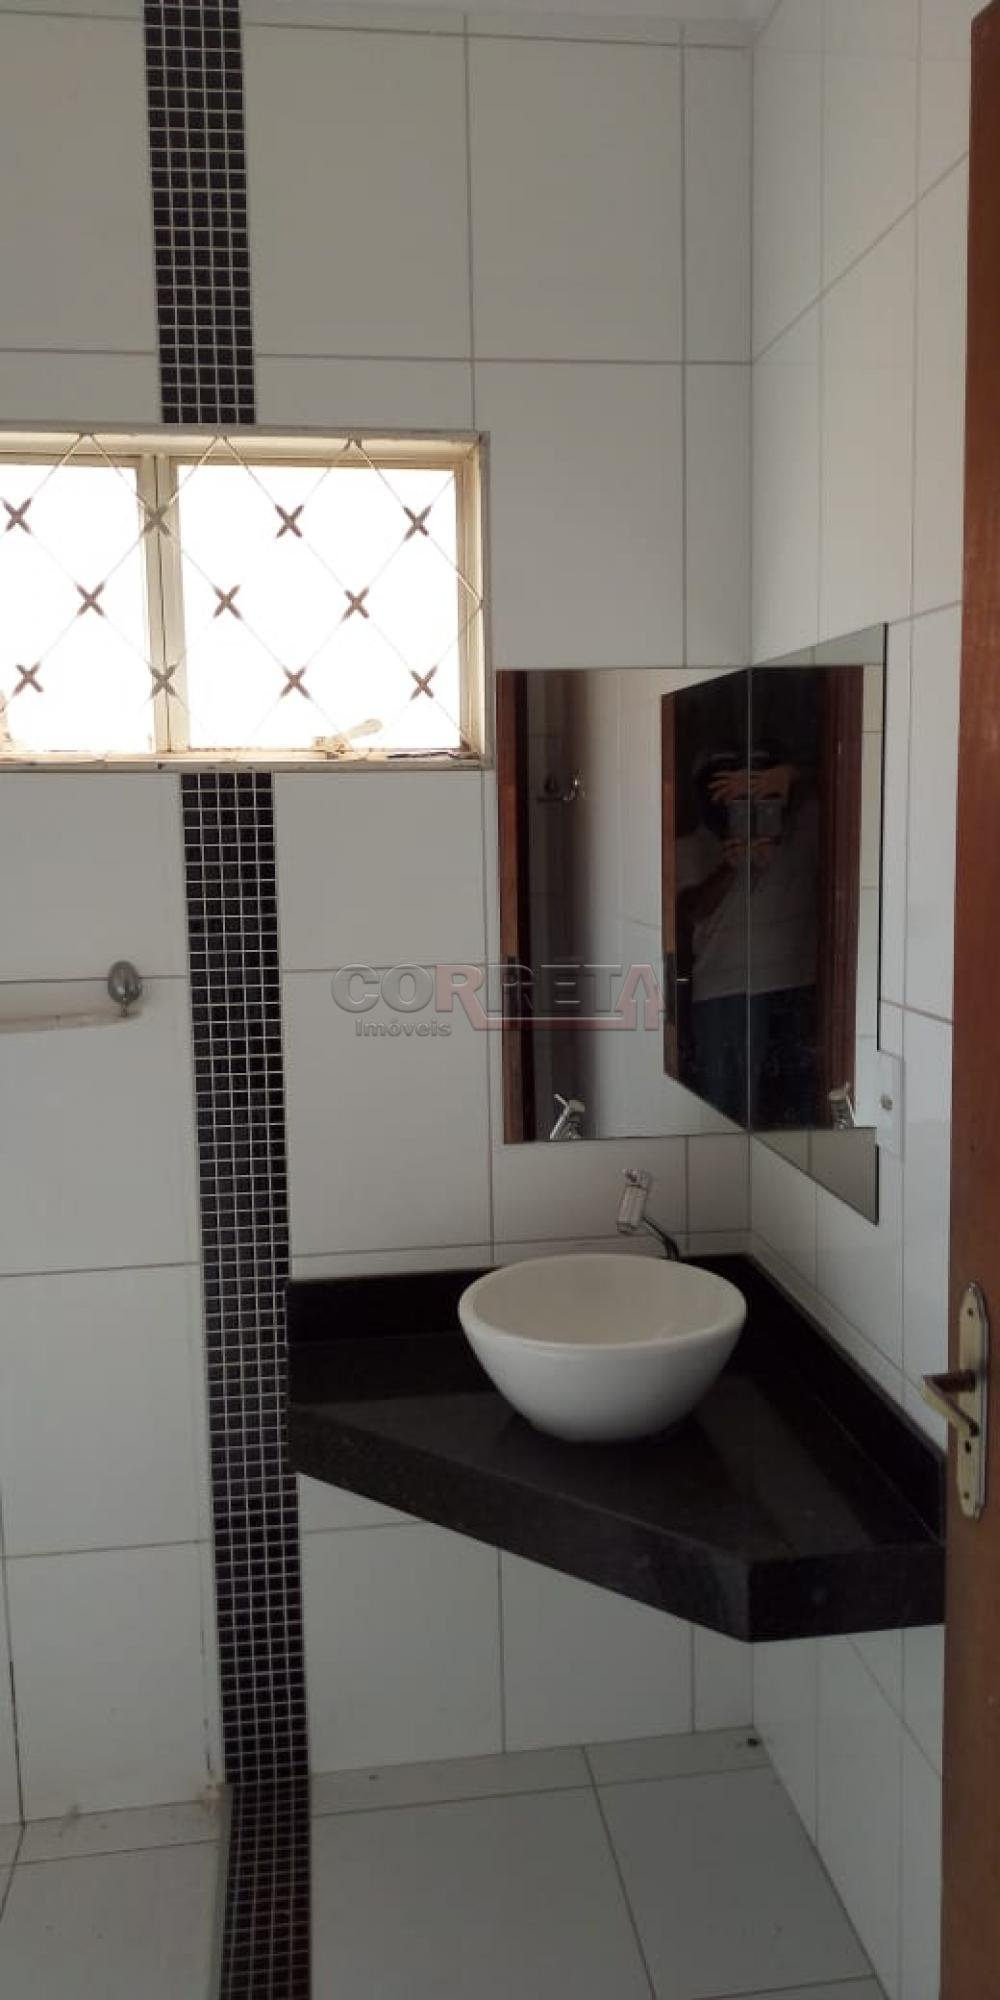 Comprar Casa / Residencial em Araçatuba apenas R$ 200.000,00 - Foto 5